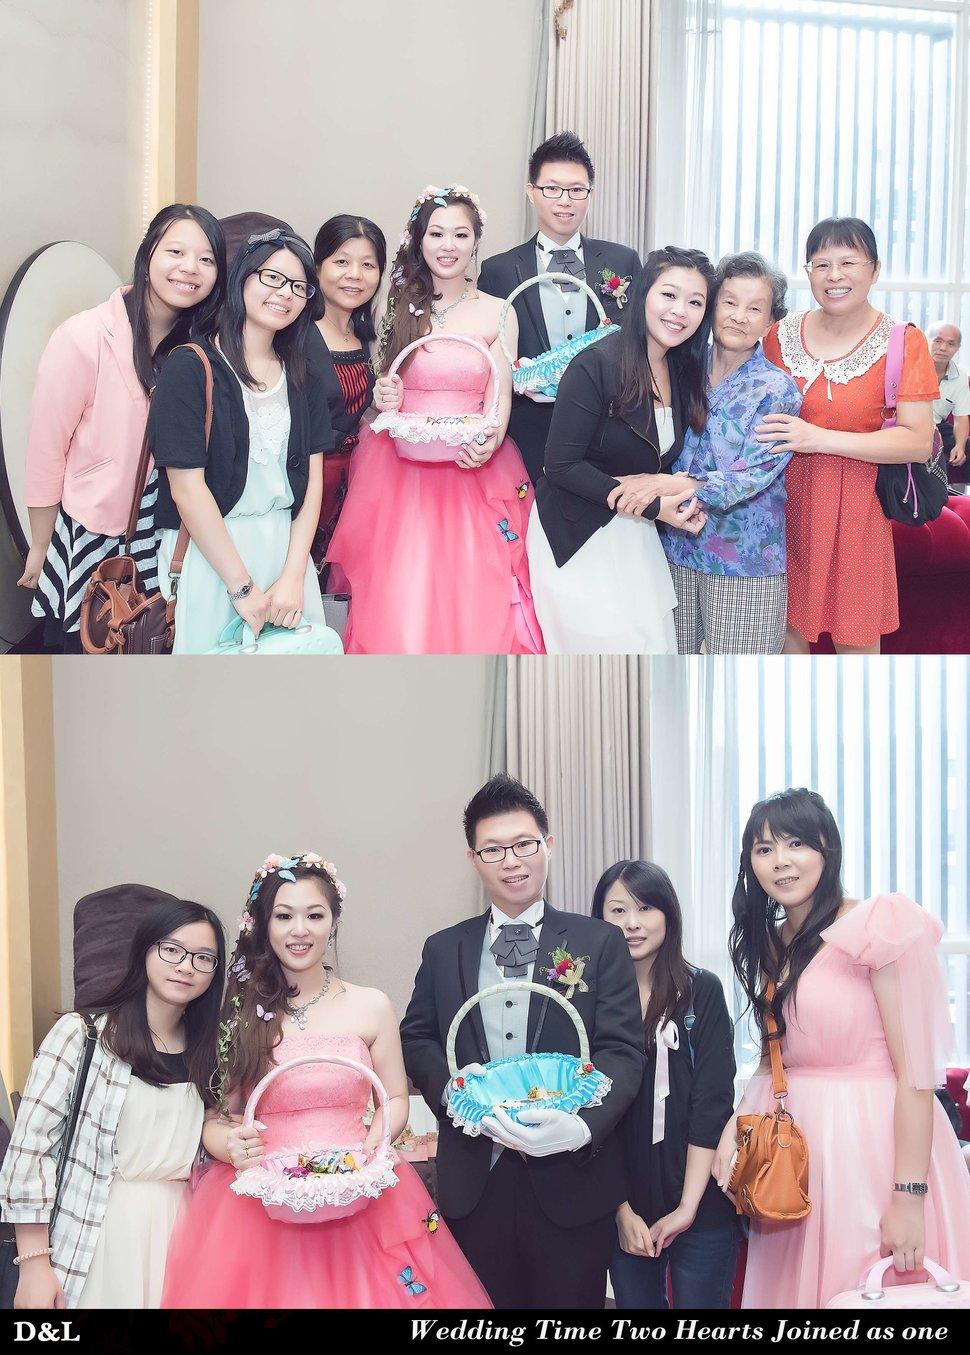 台中婚攝 婚禮紀錄 顥天&美彣-菊園婚宴會館(編號:253215) - D&L 婚禮事務-婚紗攝影/婚禮記錄 - 結婚吧